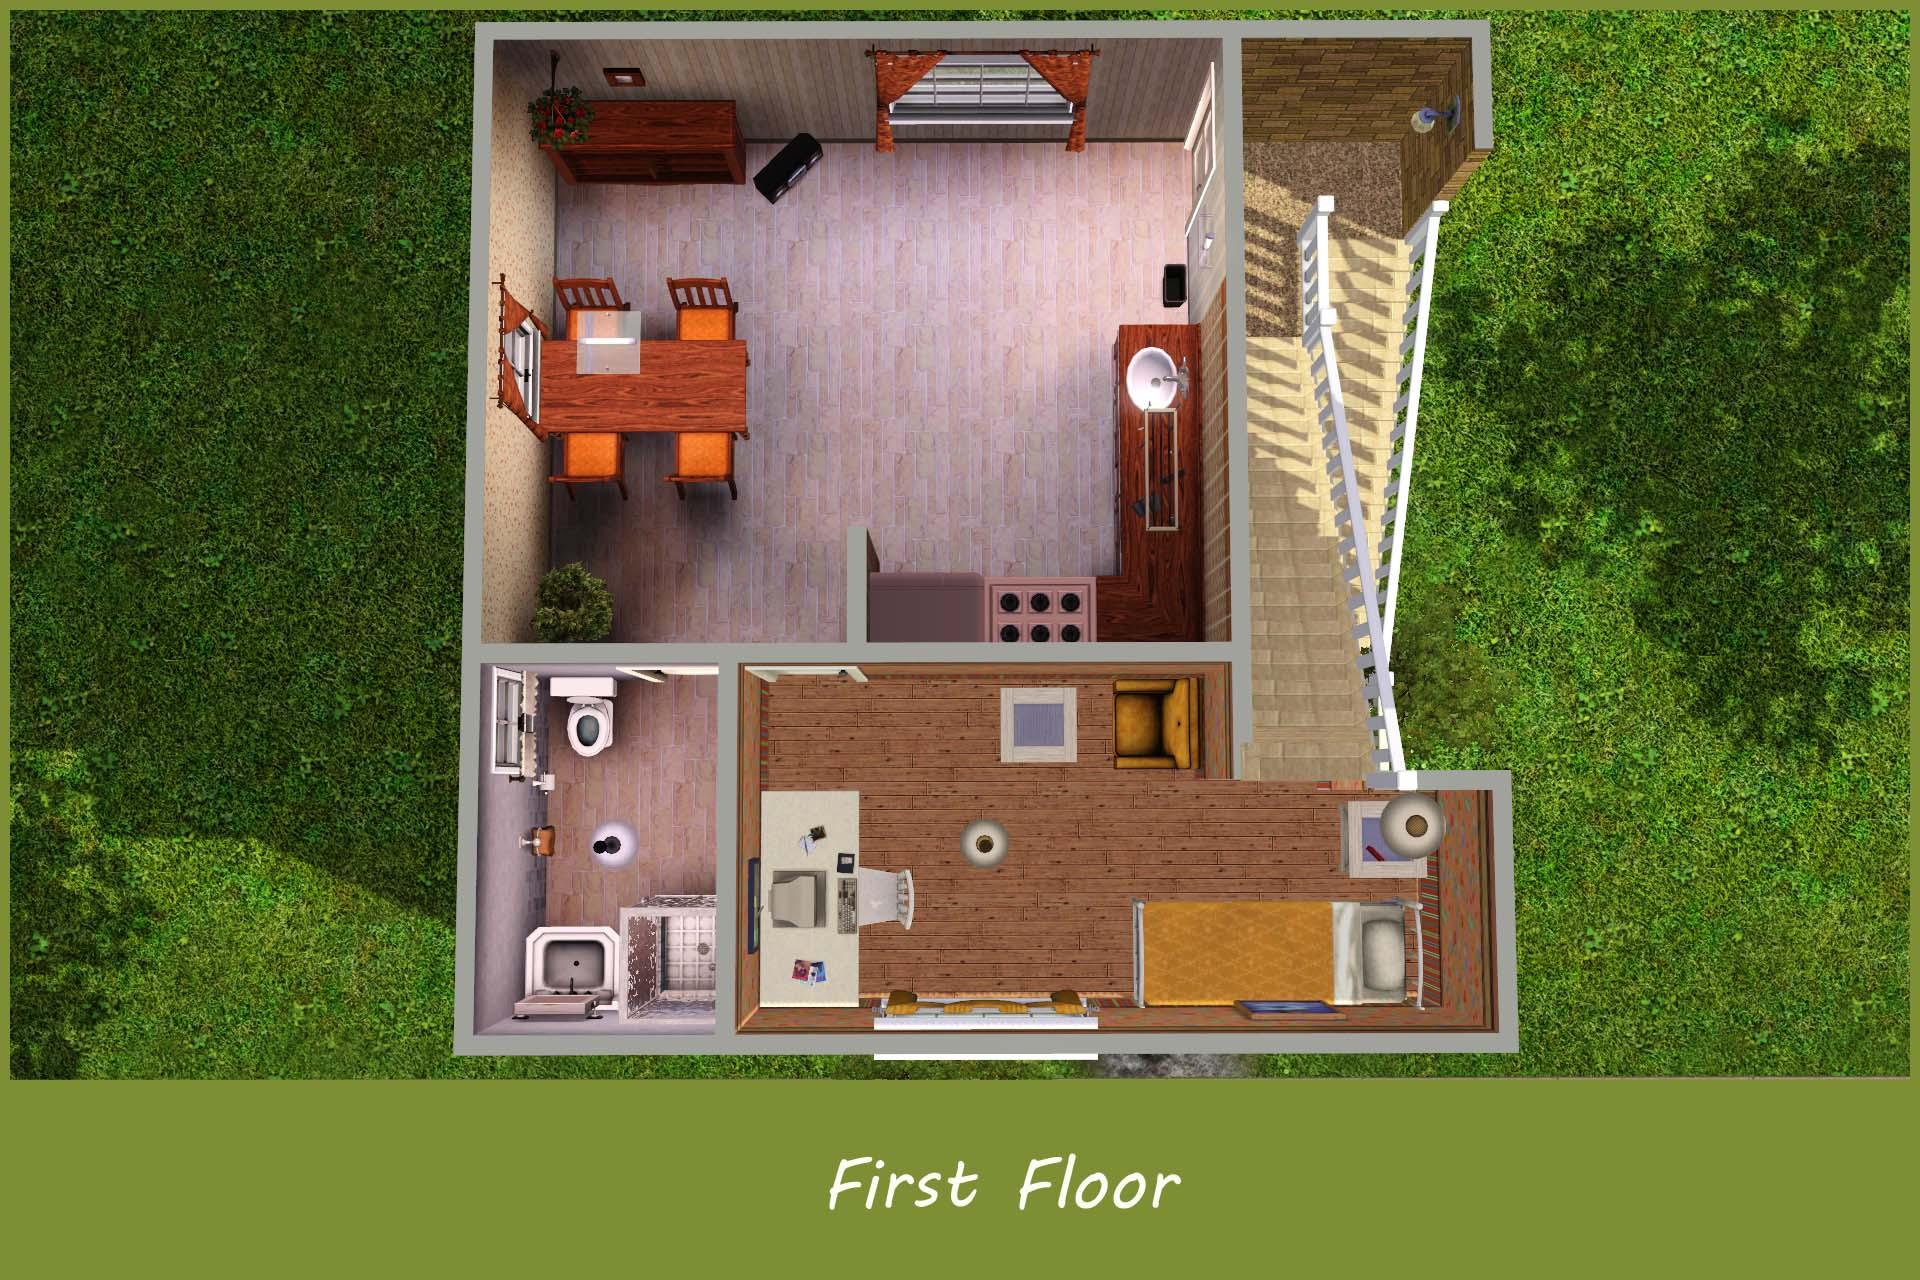 MTS_Yogi-Tea-1417488-06-floorplan1 Panic Room House Floor Plan on bewitched floor plans, triangle floor plans, black and white floor plans, ancient floor plans, castle floor plans, skyfall floor plans,